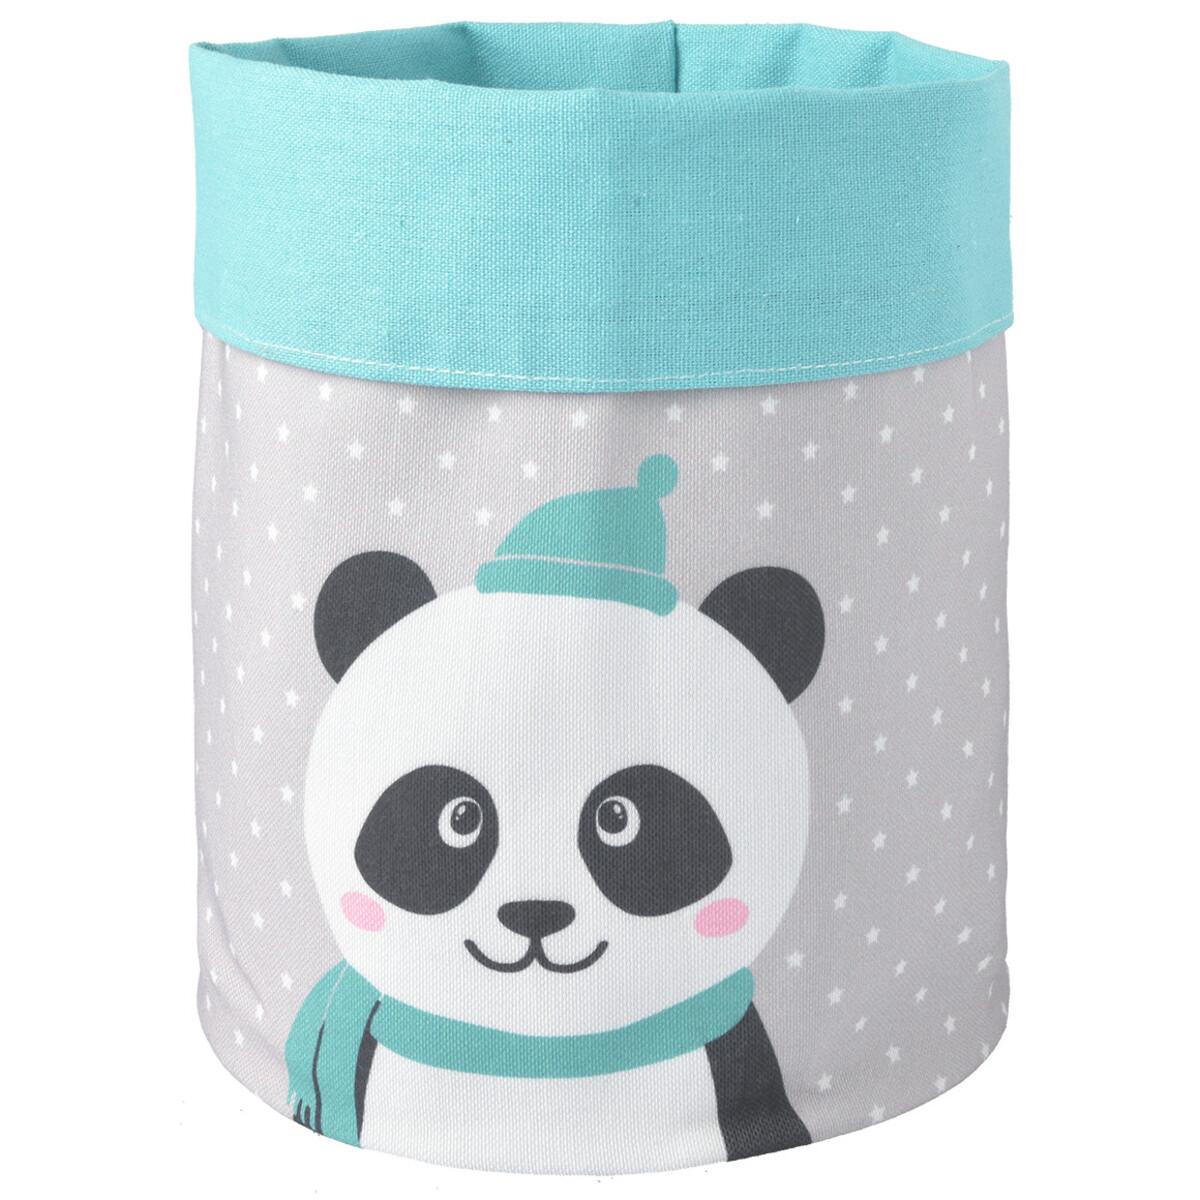 Bild 1 von Aufbewahrungskorb mit Panda-Motiv